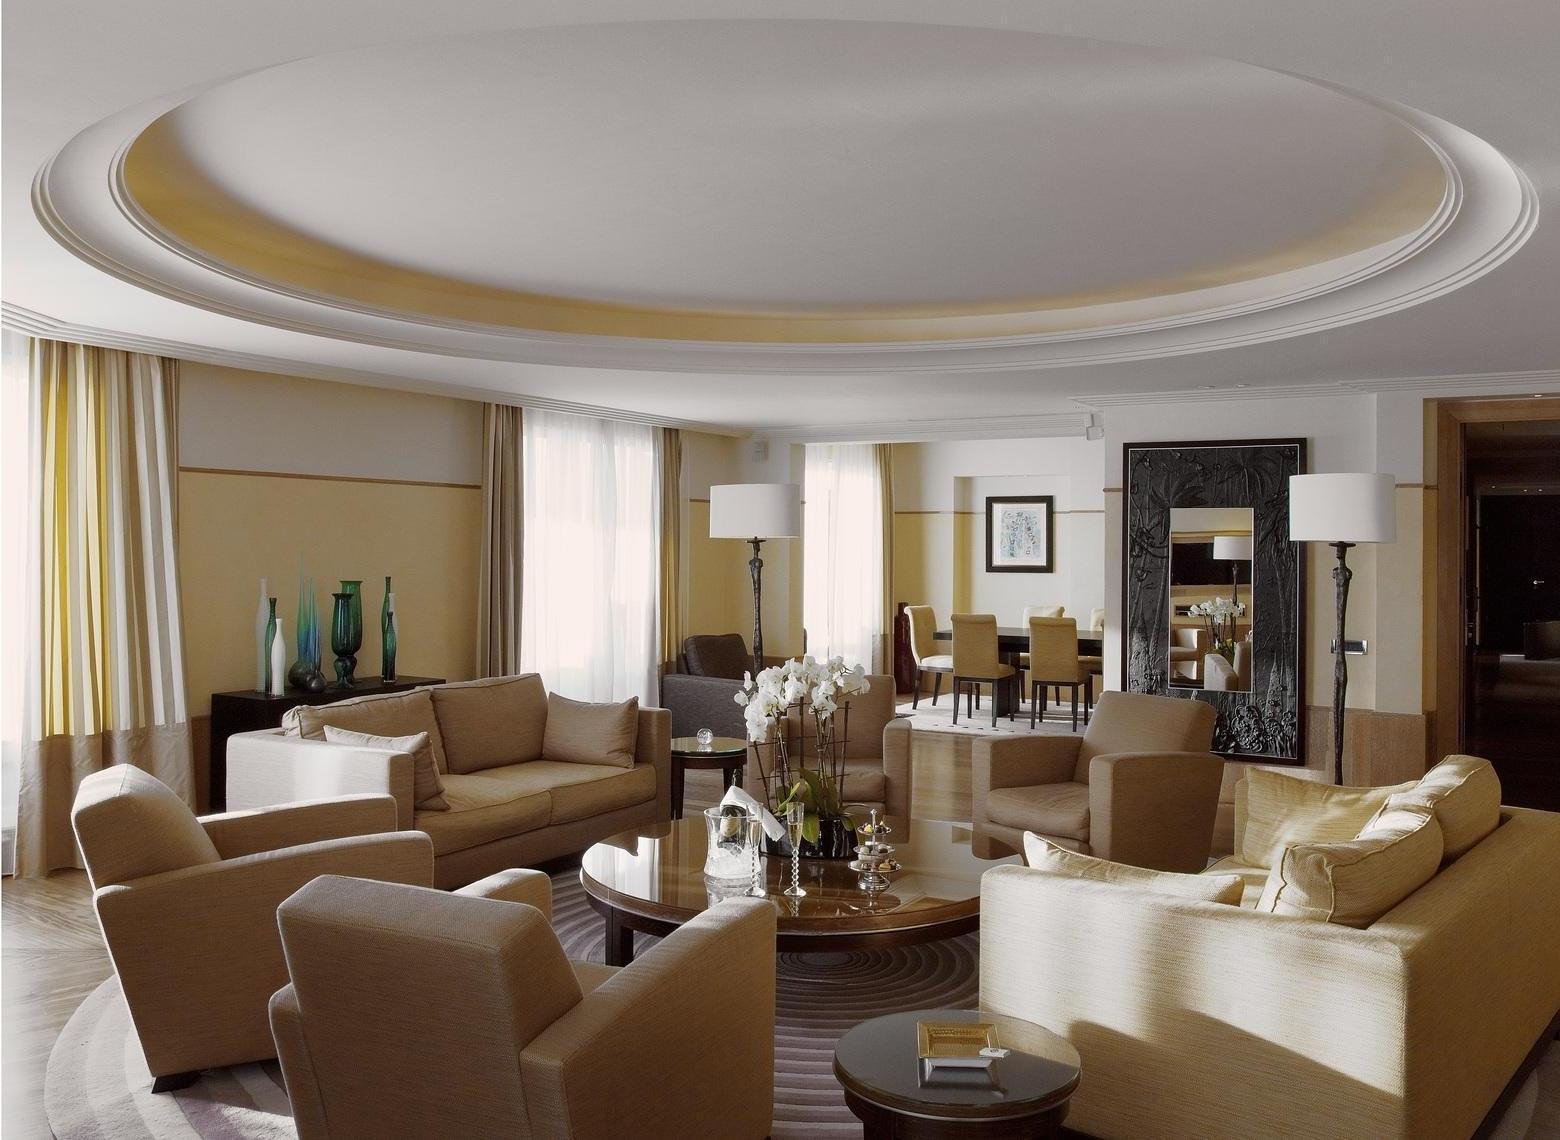 Best Atlantis Bridge Suite Furniture